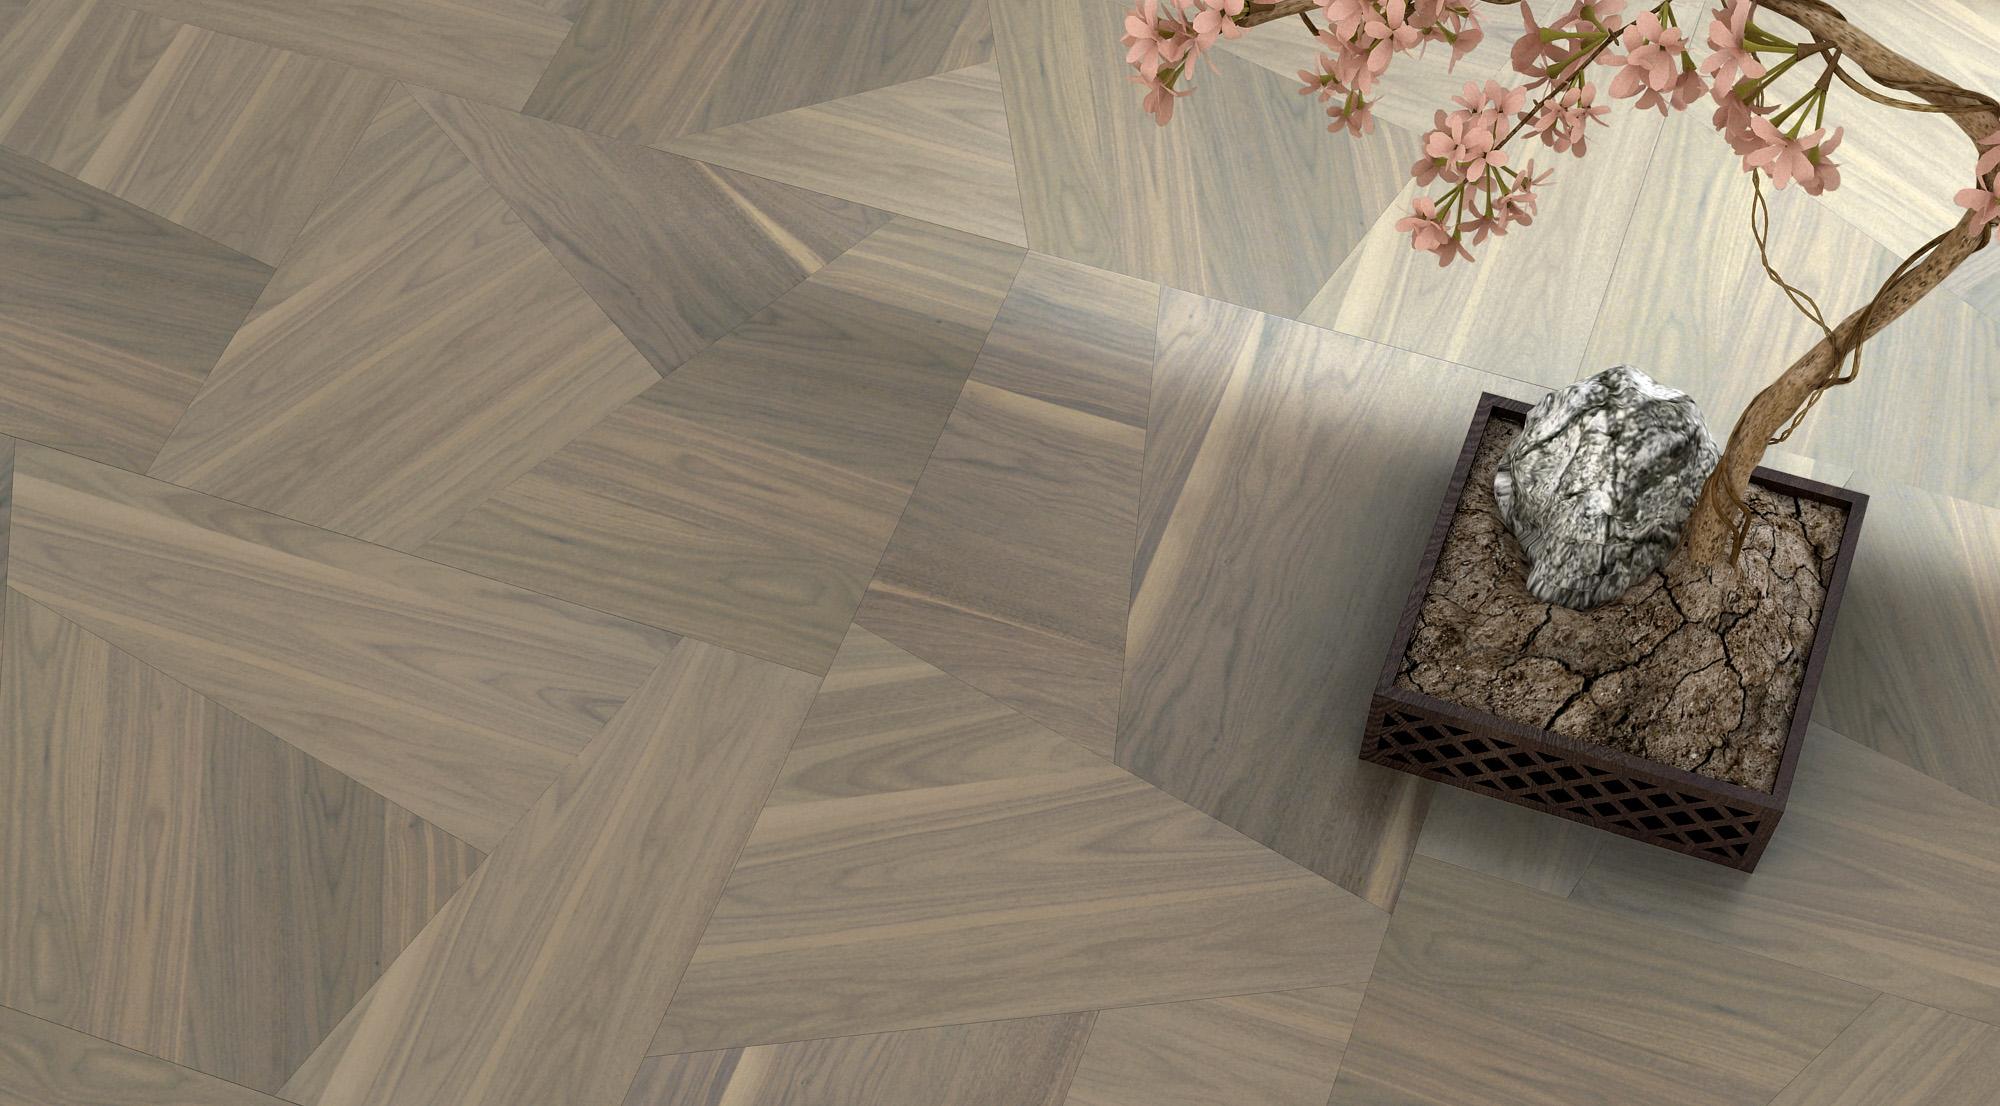 Suelos ceramica imitacion madera reforma cambiar el suelo - Ceramica imitacion madera exterior ...